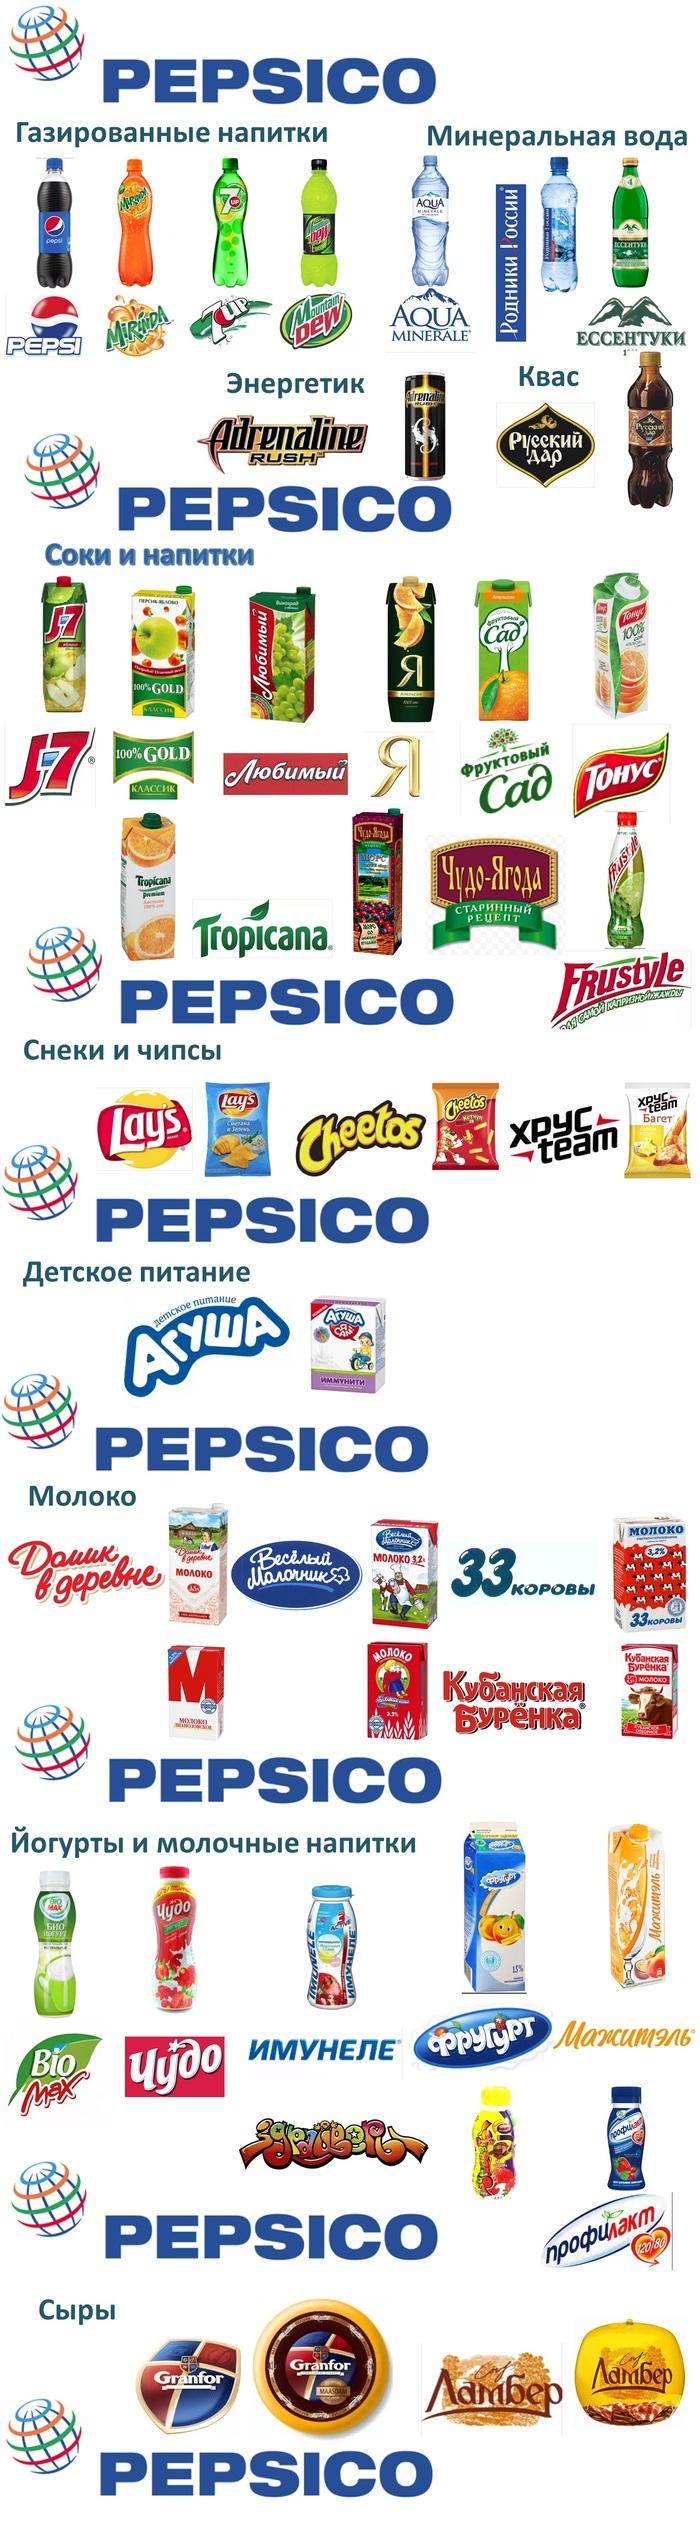 Российские бренды, которые уже не российские. Часть 1. PepsiCo Российский рынок продуктов, Наши бренды, Pepsi, Куда уходят наши деньги, Хочу все знать, Полезное, Длиннопост